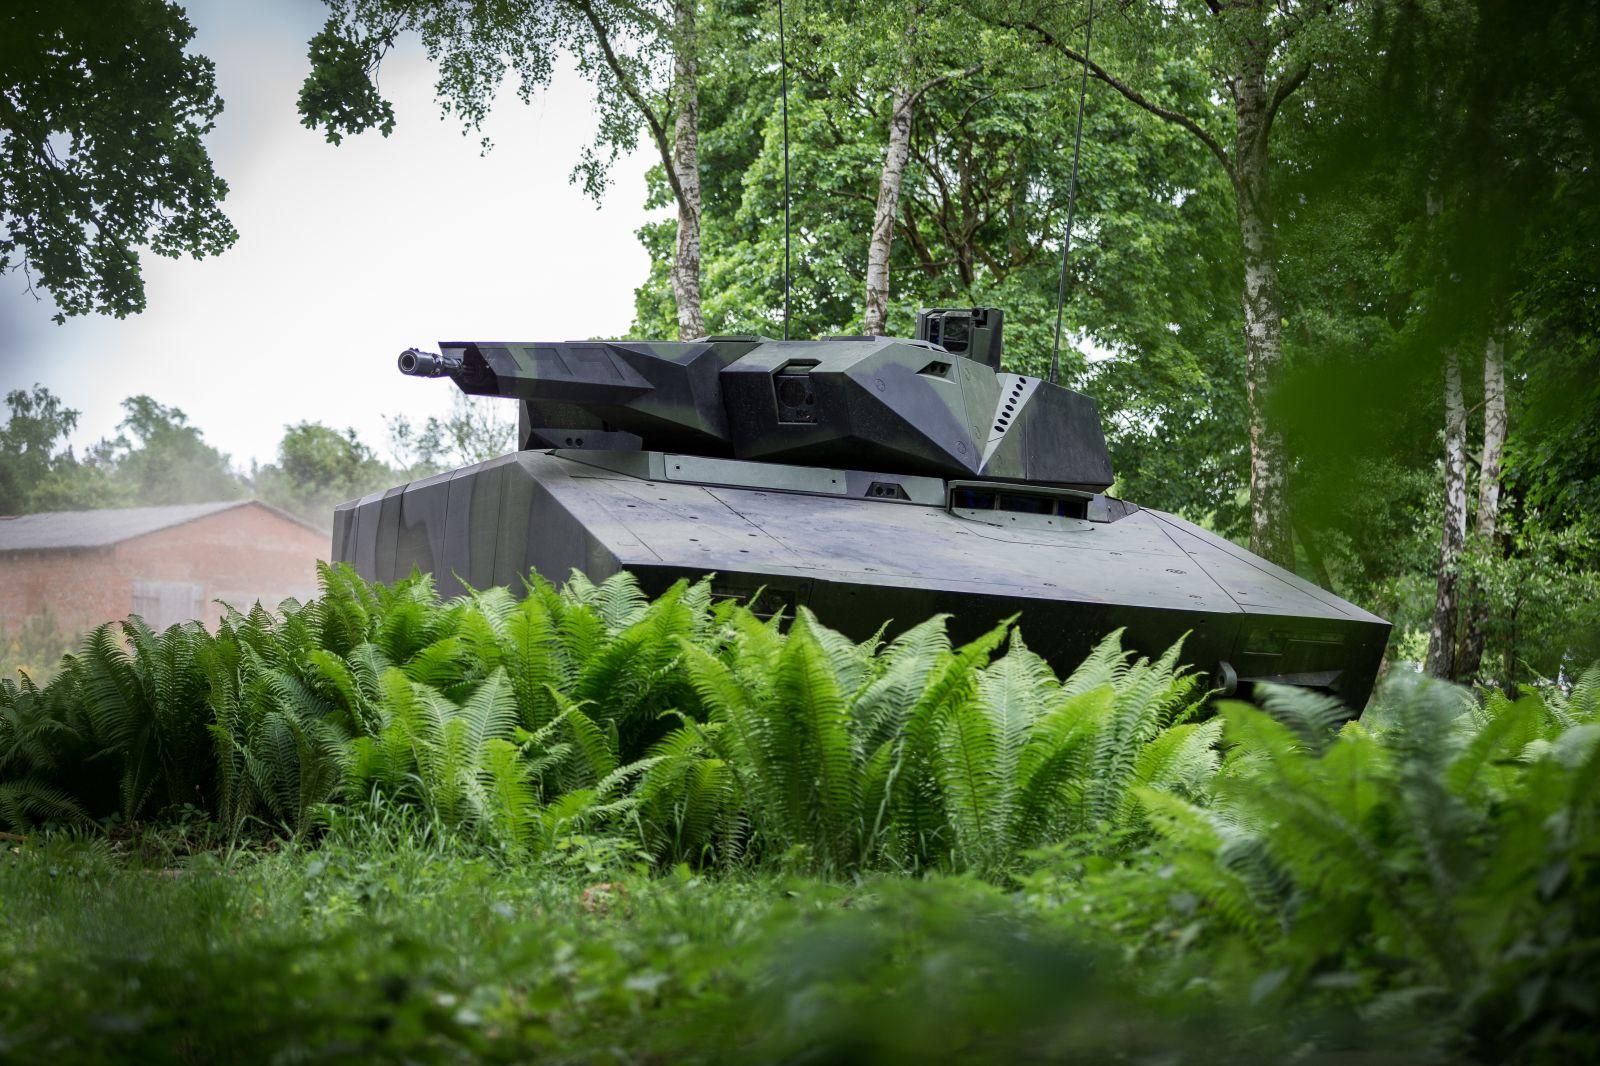 Мащабна отбранителна сделка: Унгария поръча 218 БМП Lynx от Rheinmetall на стойност над 2 милиарда евро